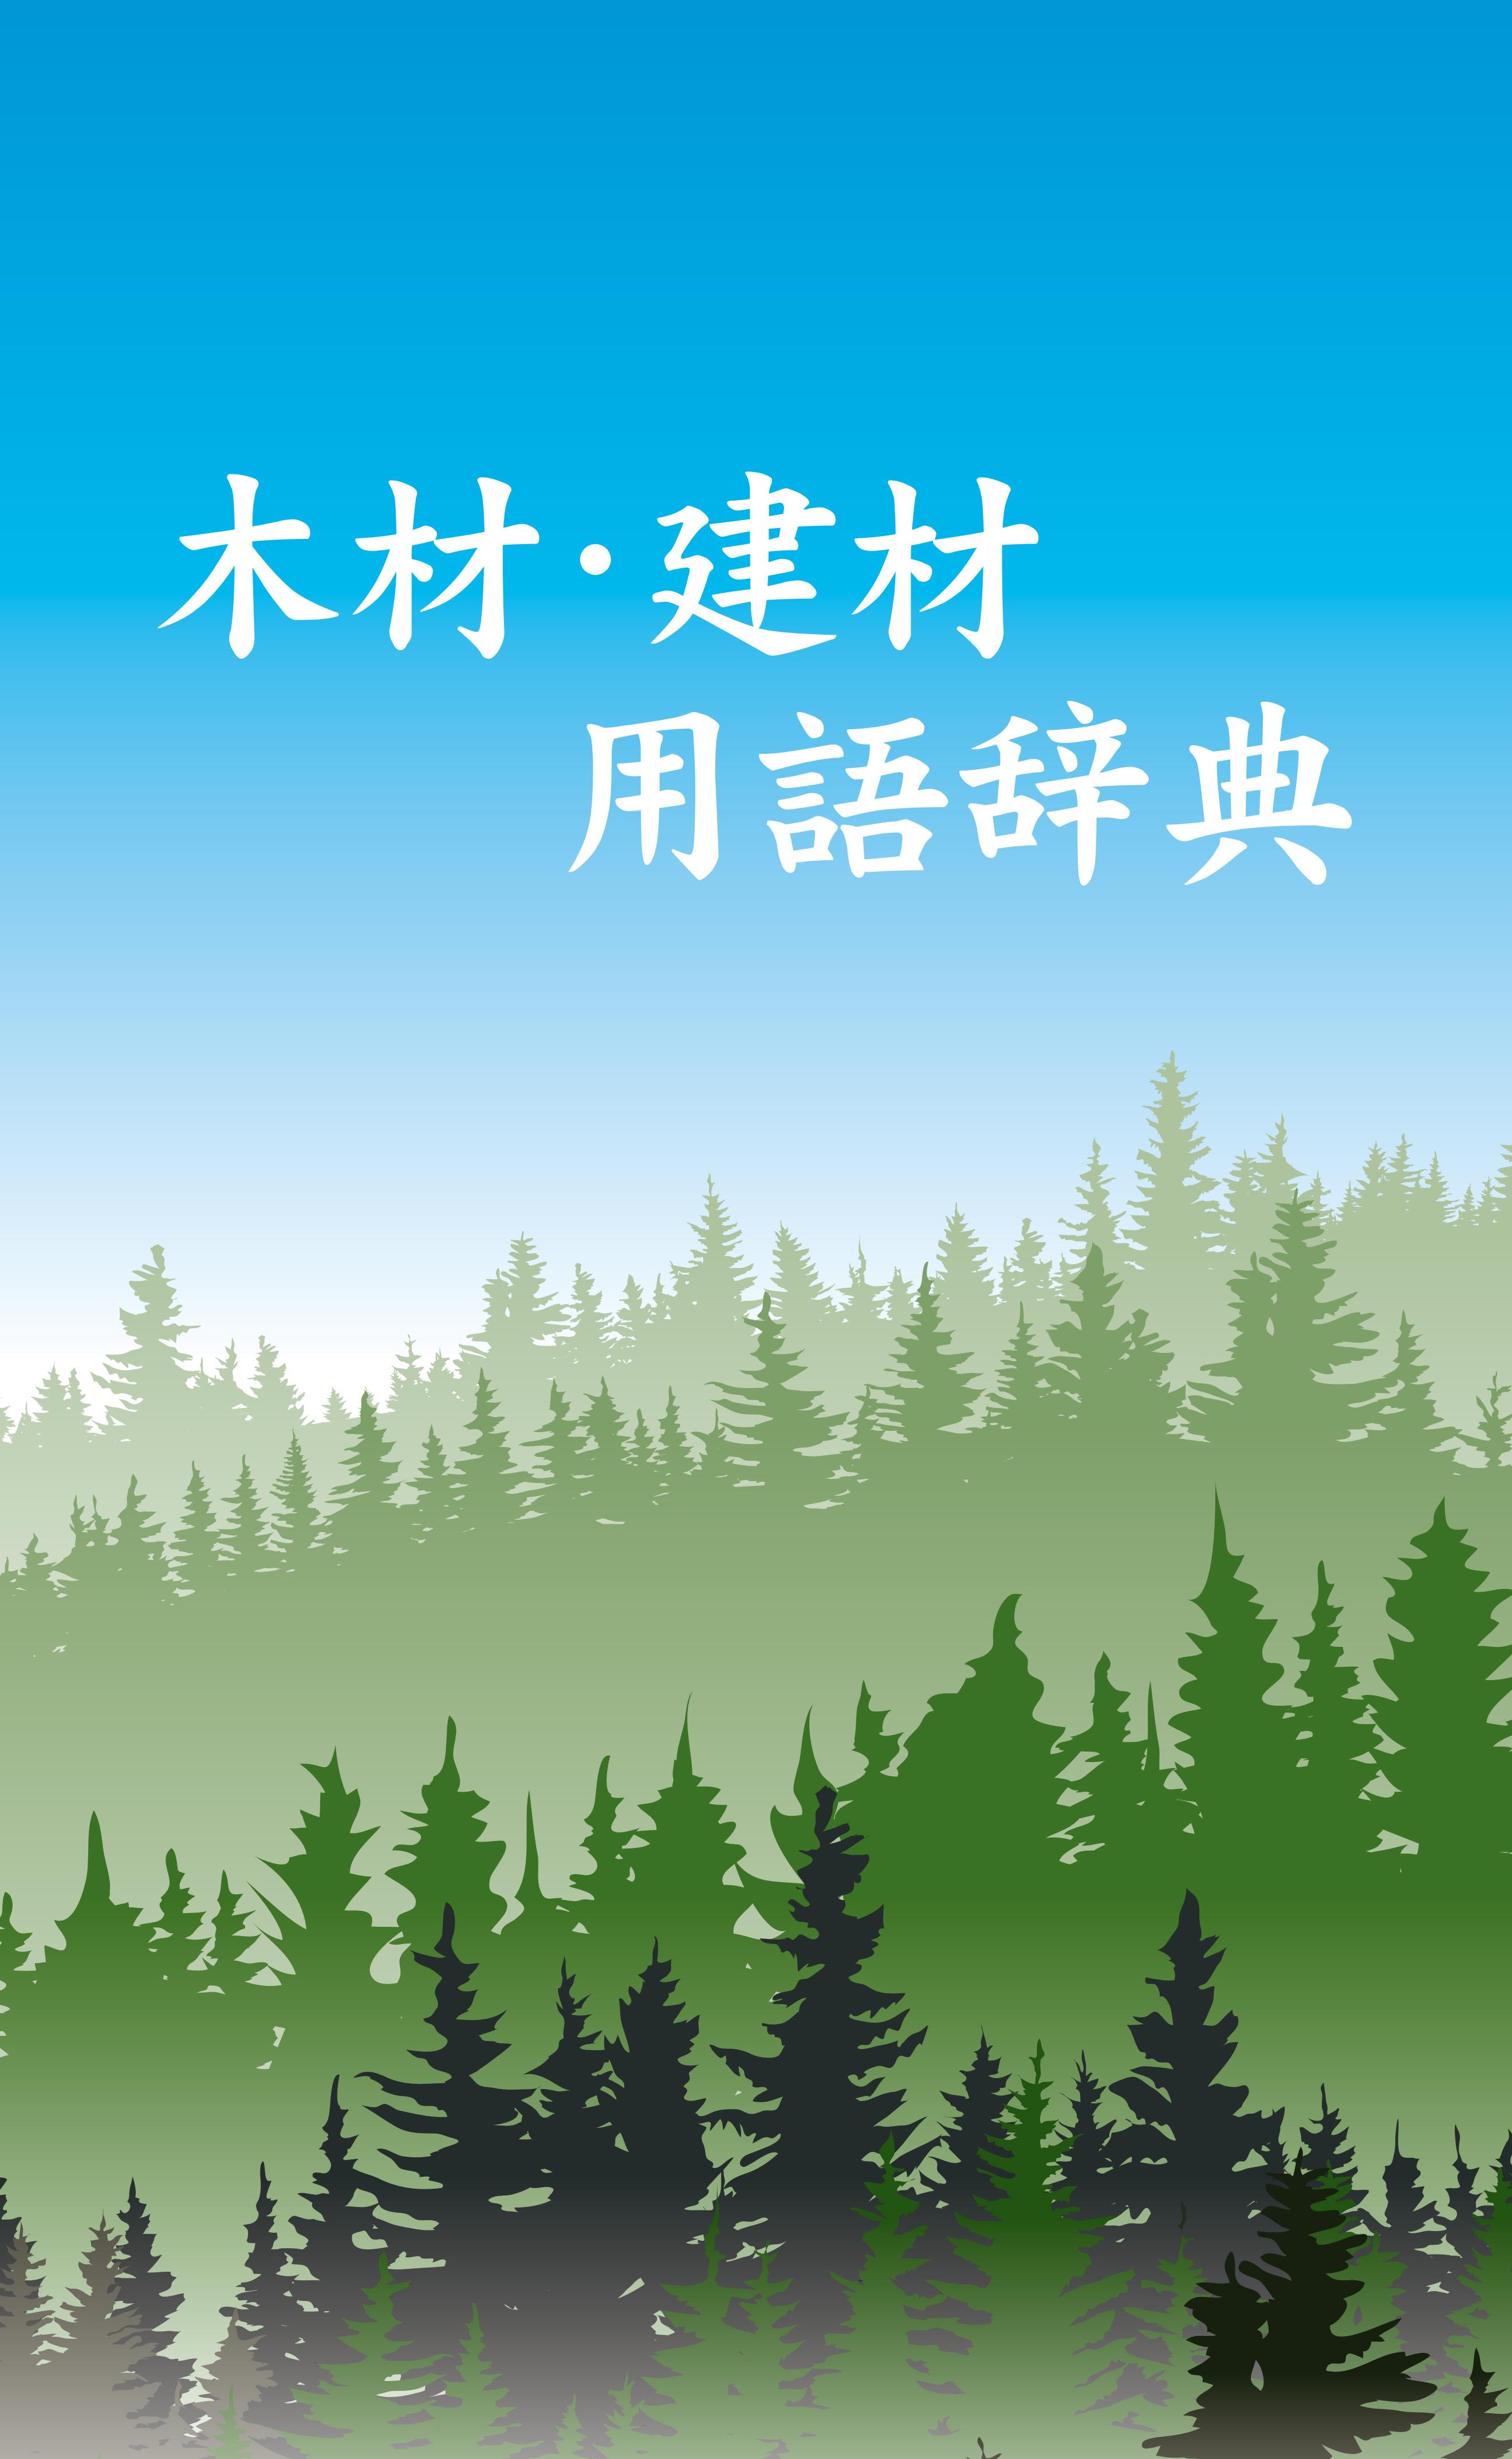 木材・建材用語辞典の表紙